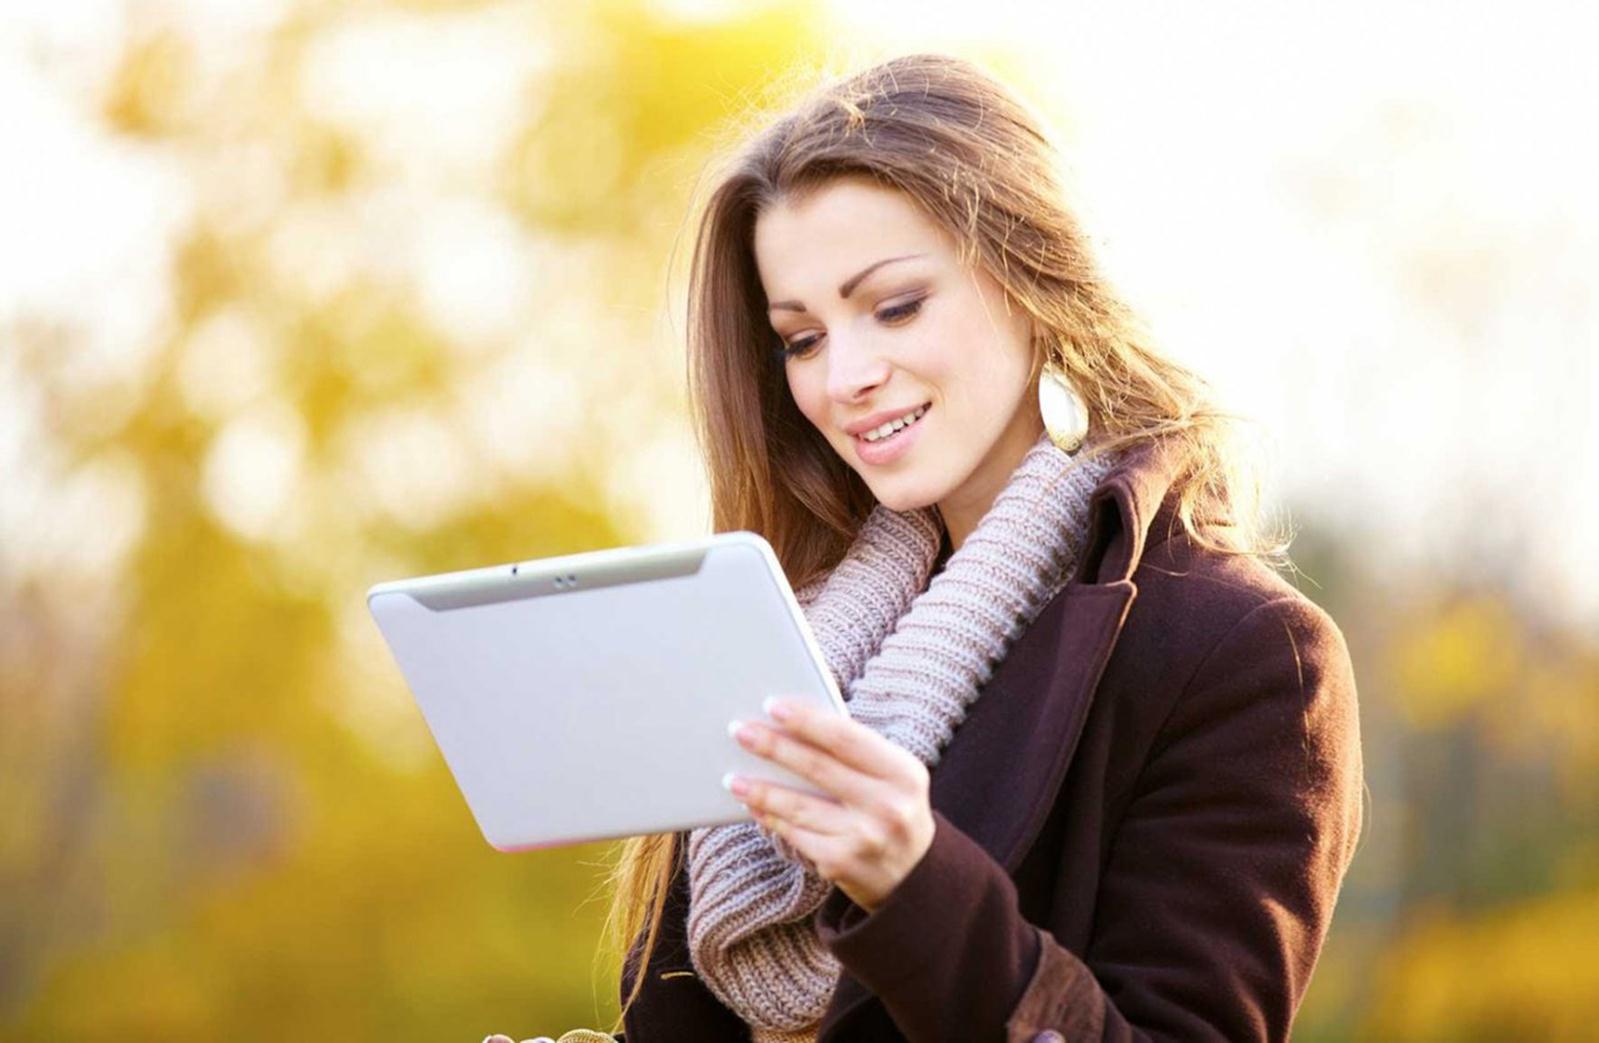 10 лучших планшетов с Алиэкспресс - Самые продаваемые планшеты